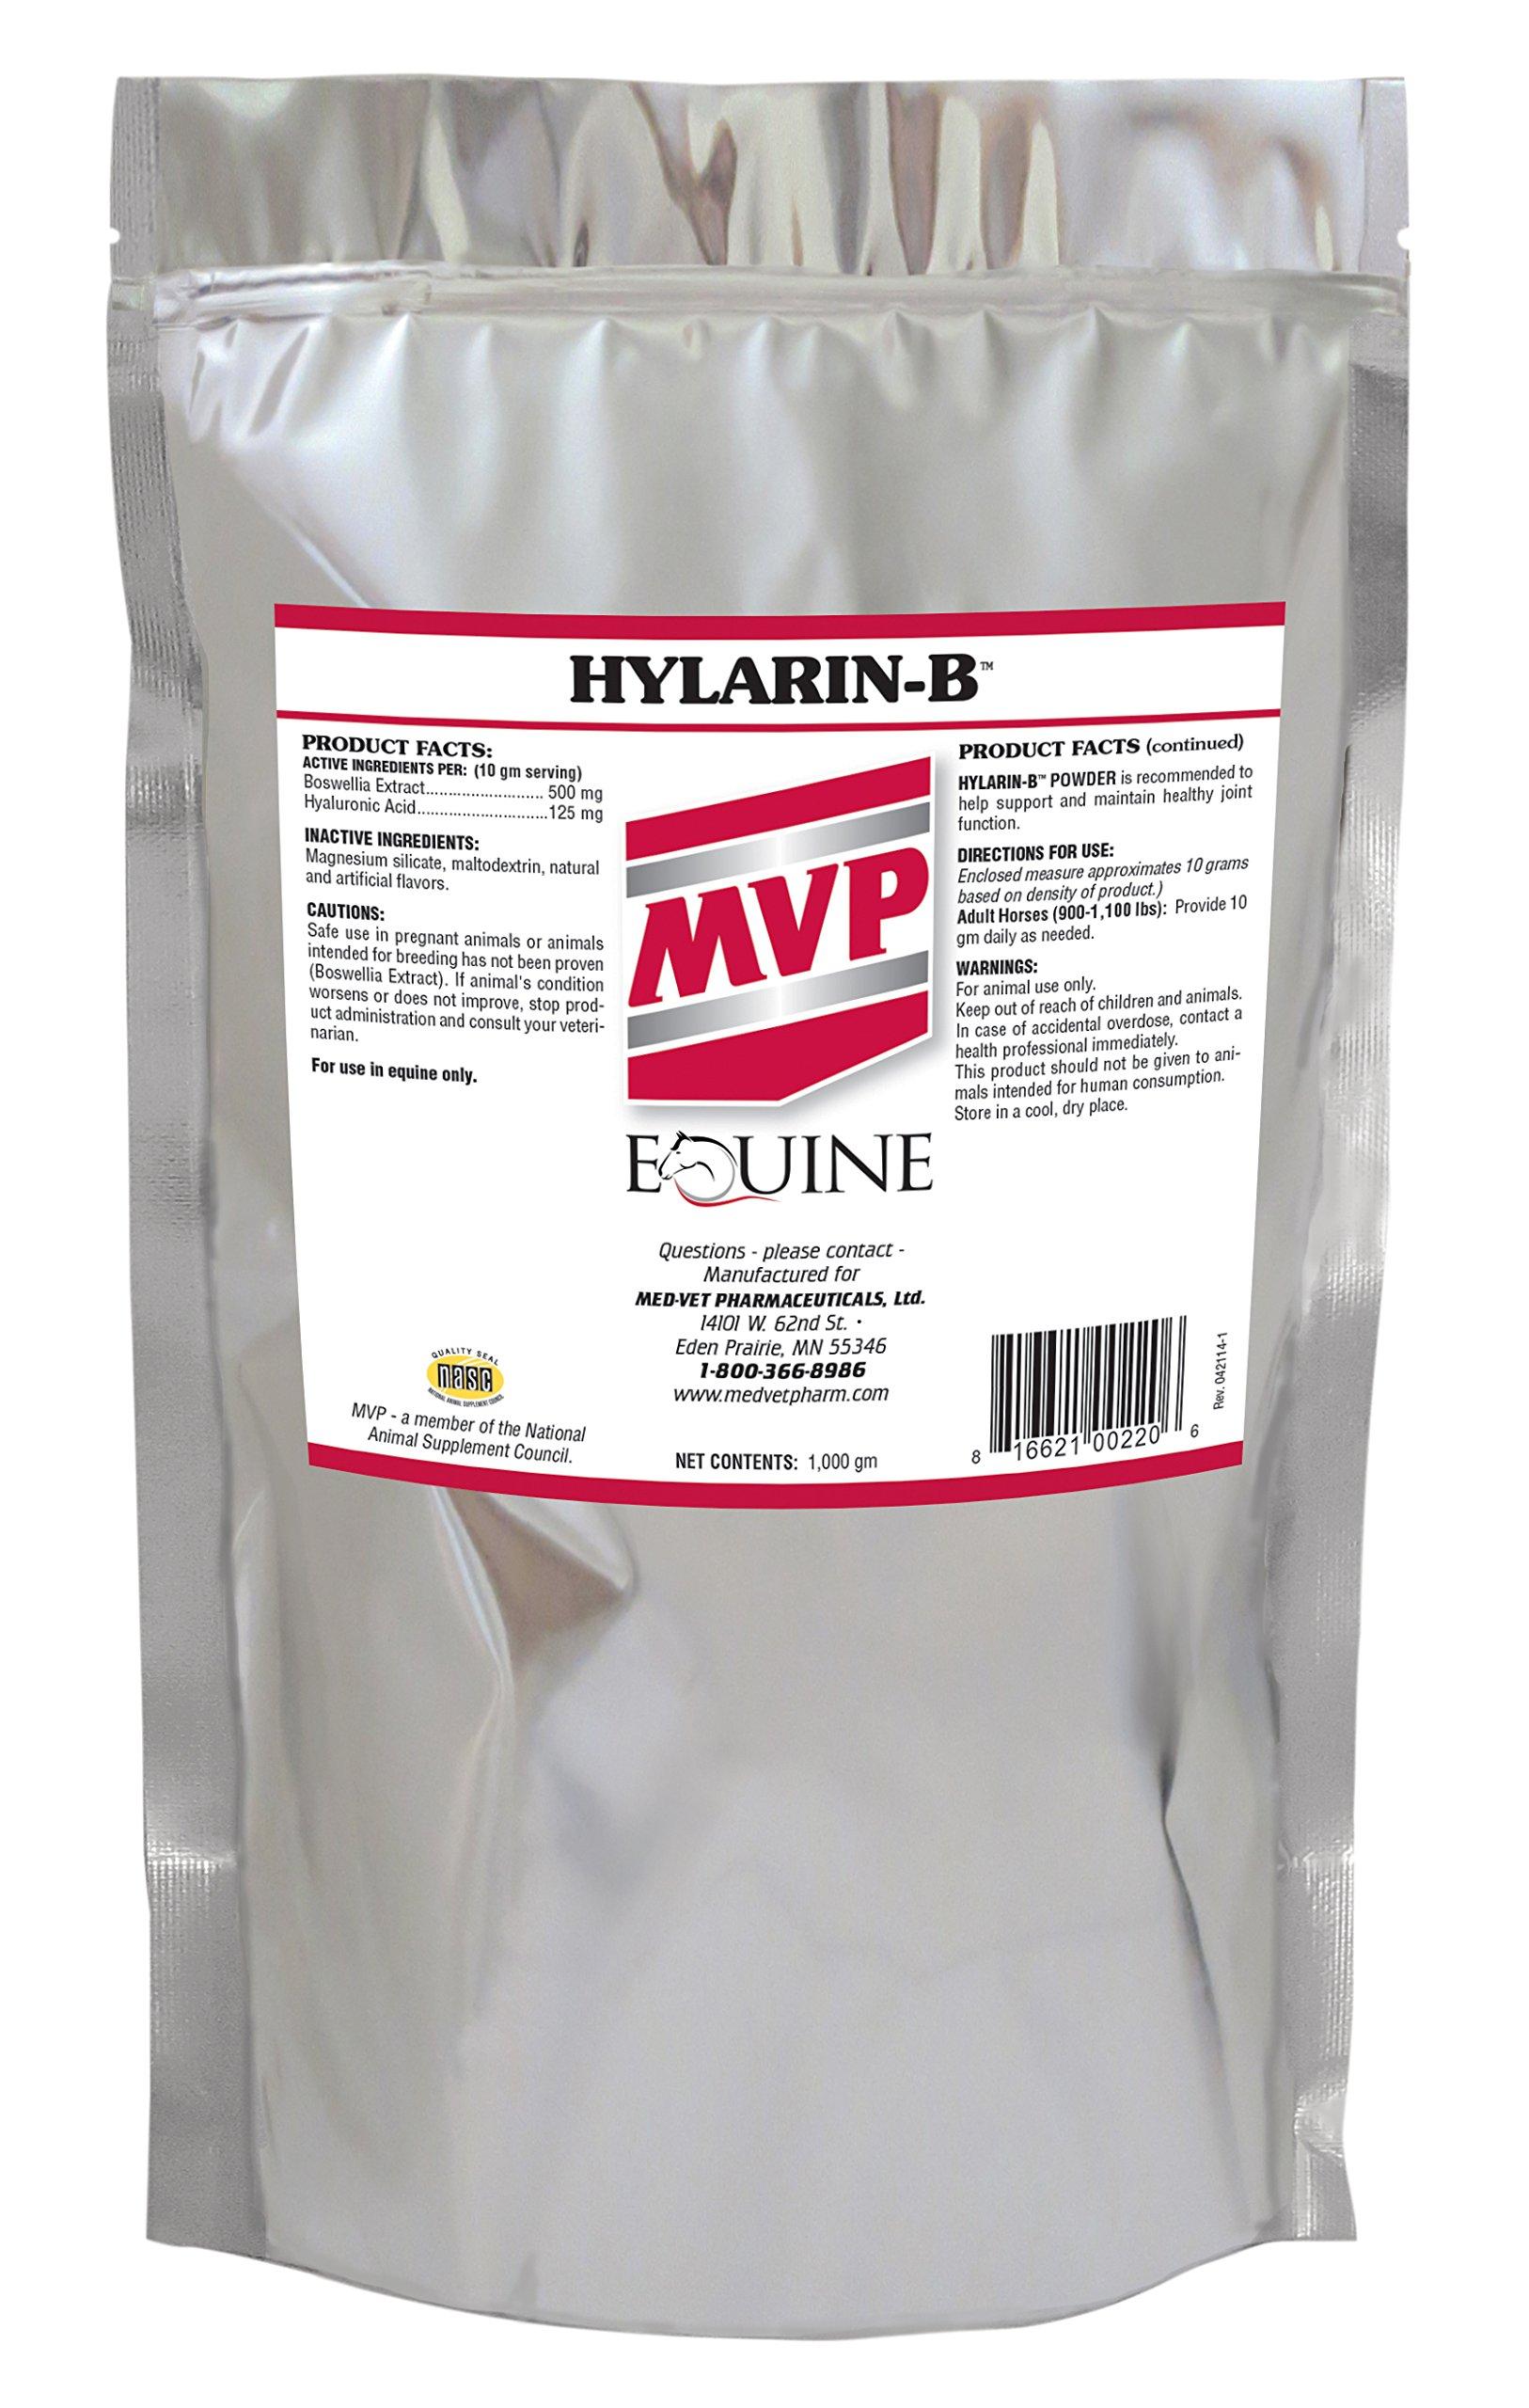 Hylarin-B